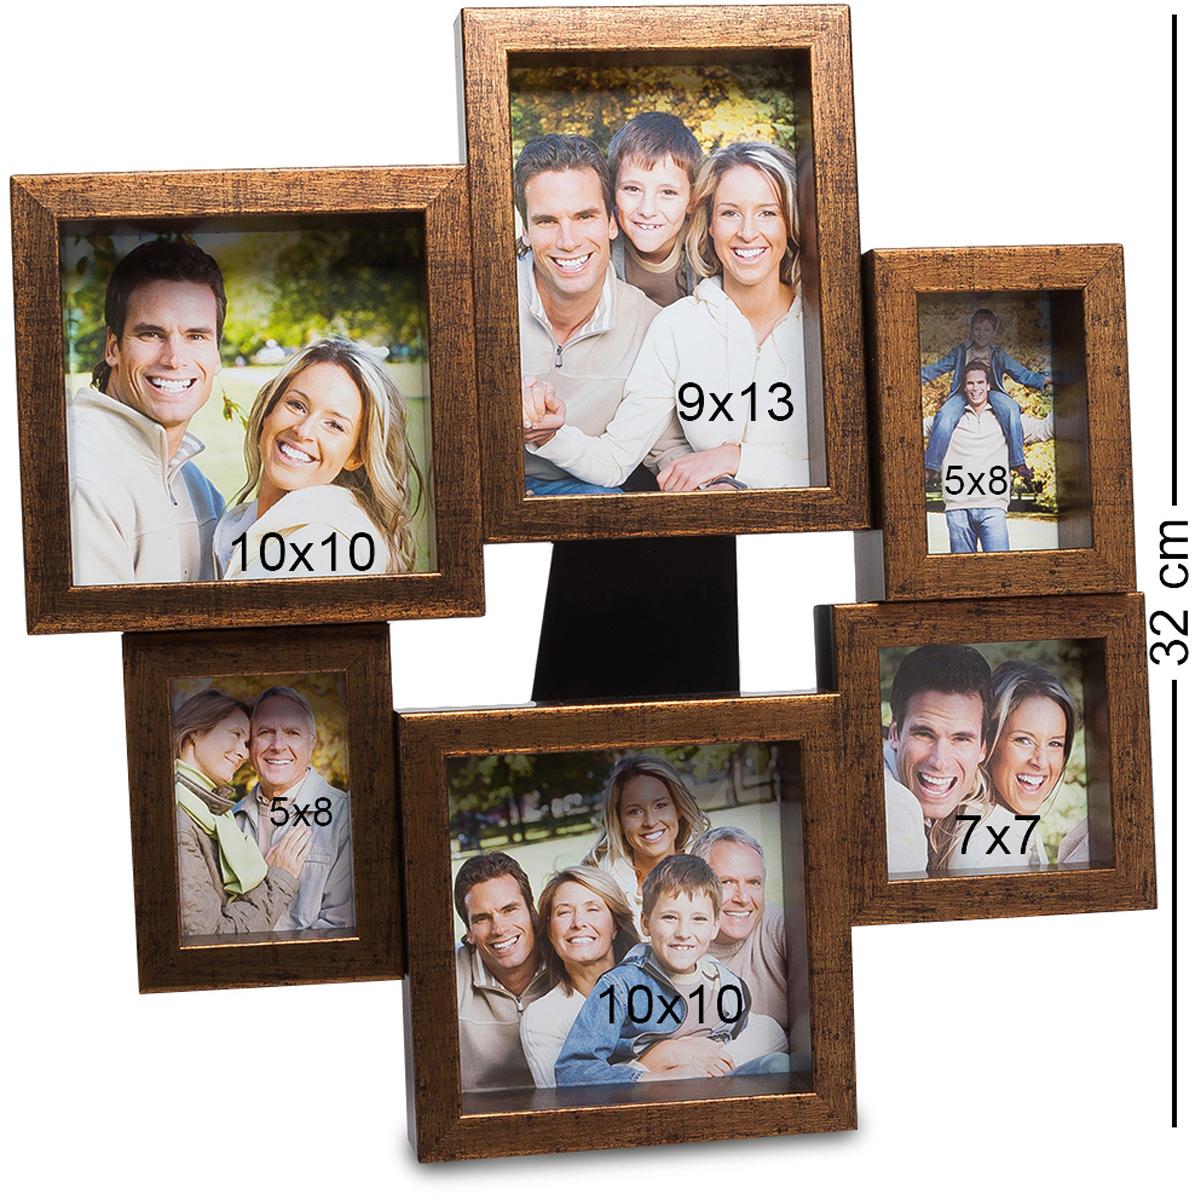 Панно из фоторамок Bellezza Casa Семейный винтаж, на 6 фото: 9х13, 5х8, 7х7, 10х10. CHK-204V4140/1SПанно из фоторамок на 6 фото для фотографий 9х13, 5х8, 7х7 и 10х10 см.Фотографии обладают уникальным свойством сохранять памятные моменты семейной истории на долги годы, и даже спустя десятки лет вы можете взглянуть на снимок и заново мысленно пережить уже давно ушедшее время. Семейные снимки, стоящие на столике или в шкафу - это то, без чего невозможно представить себе дом любой семьи. Фоторамка-панно Семейный винтаж - это не одна рамка для фотографии, а целых 6, соединенных в единое целое. Рамки имею разный размер и форму, но вместе выглядят необычно и здорово. Сохраните самые важные моменты вашей жизни с помощью рамки Семейный винтаж, и они будут неподвластны времени.